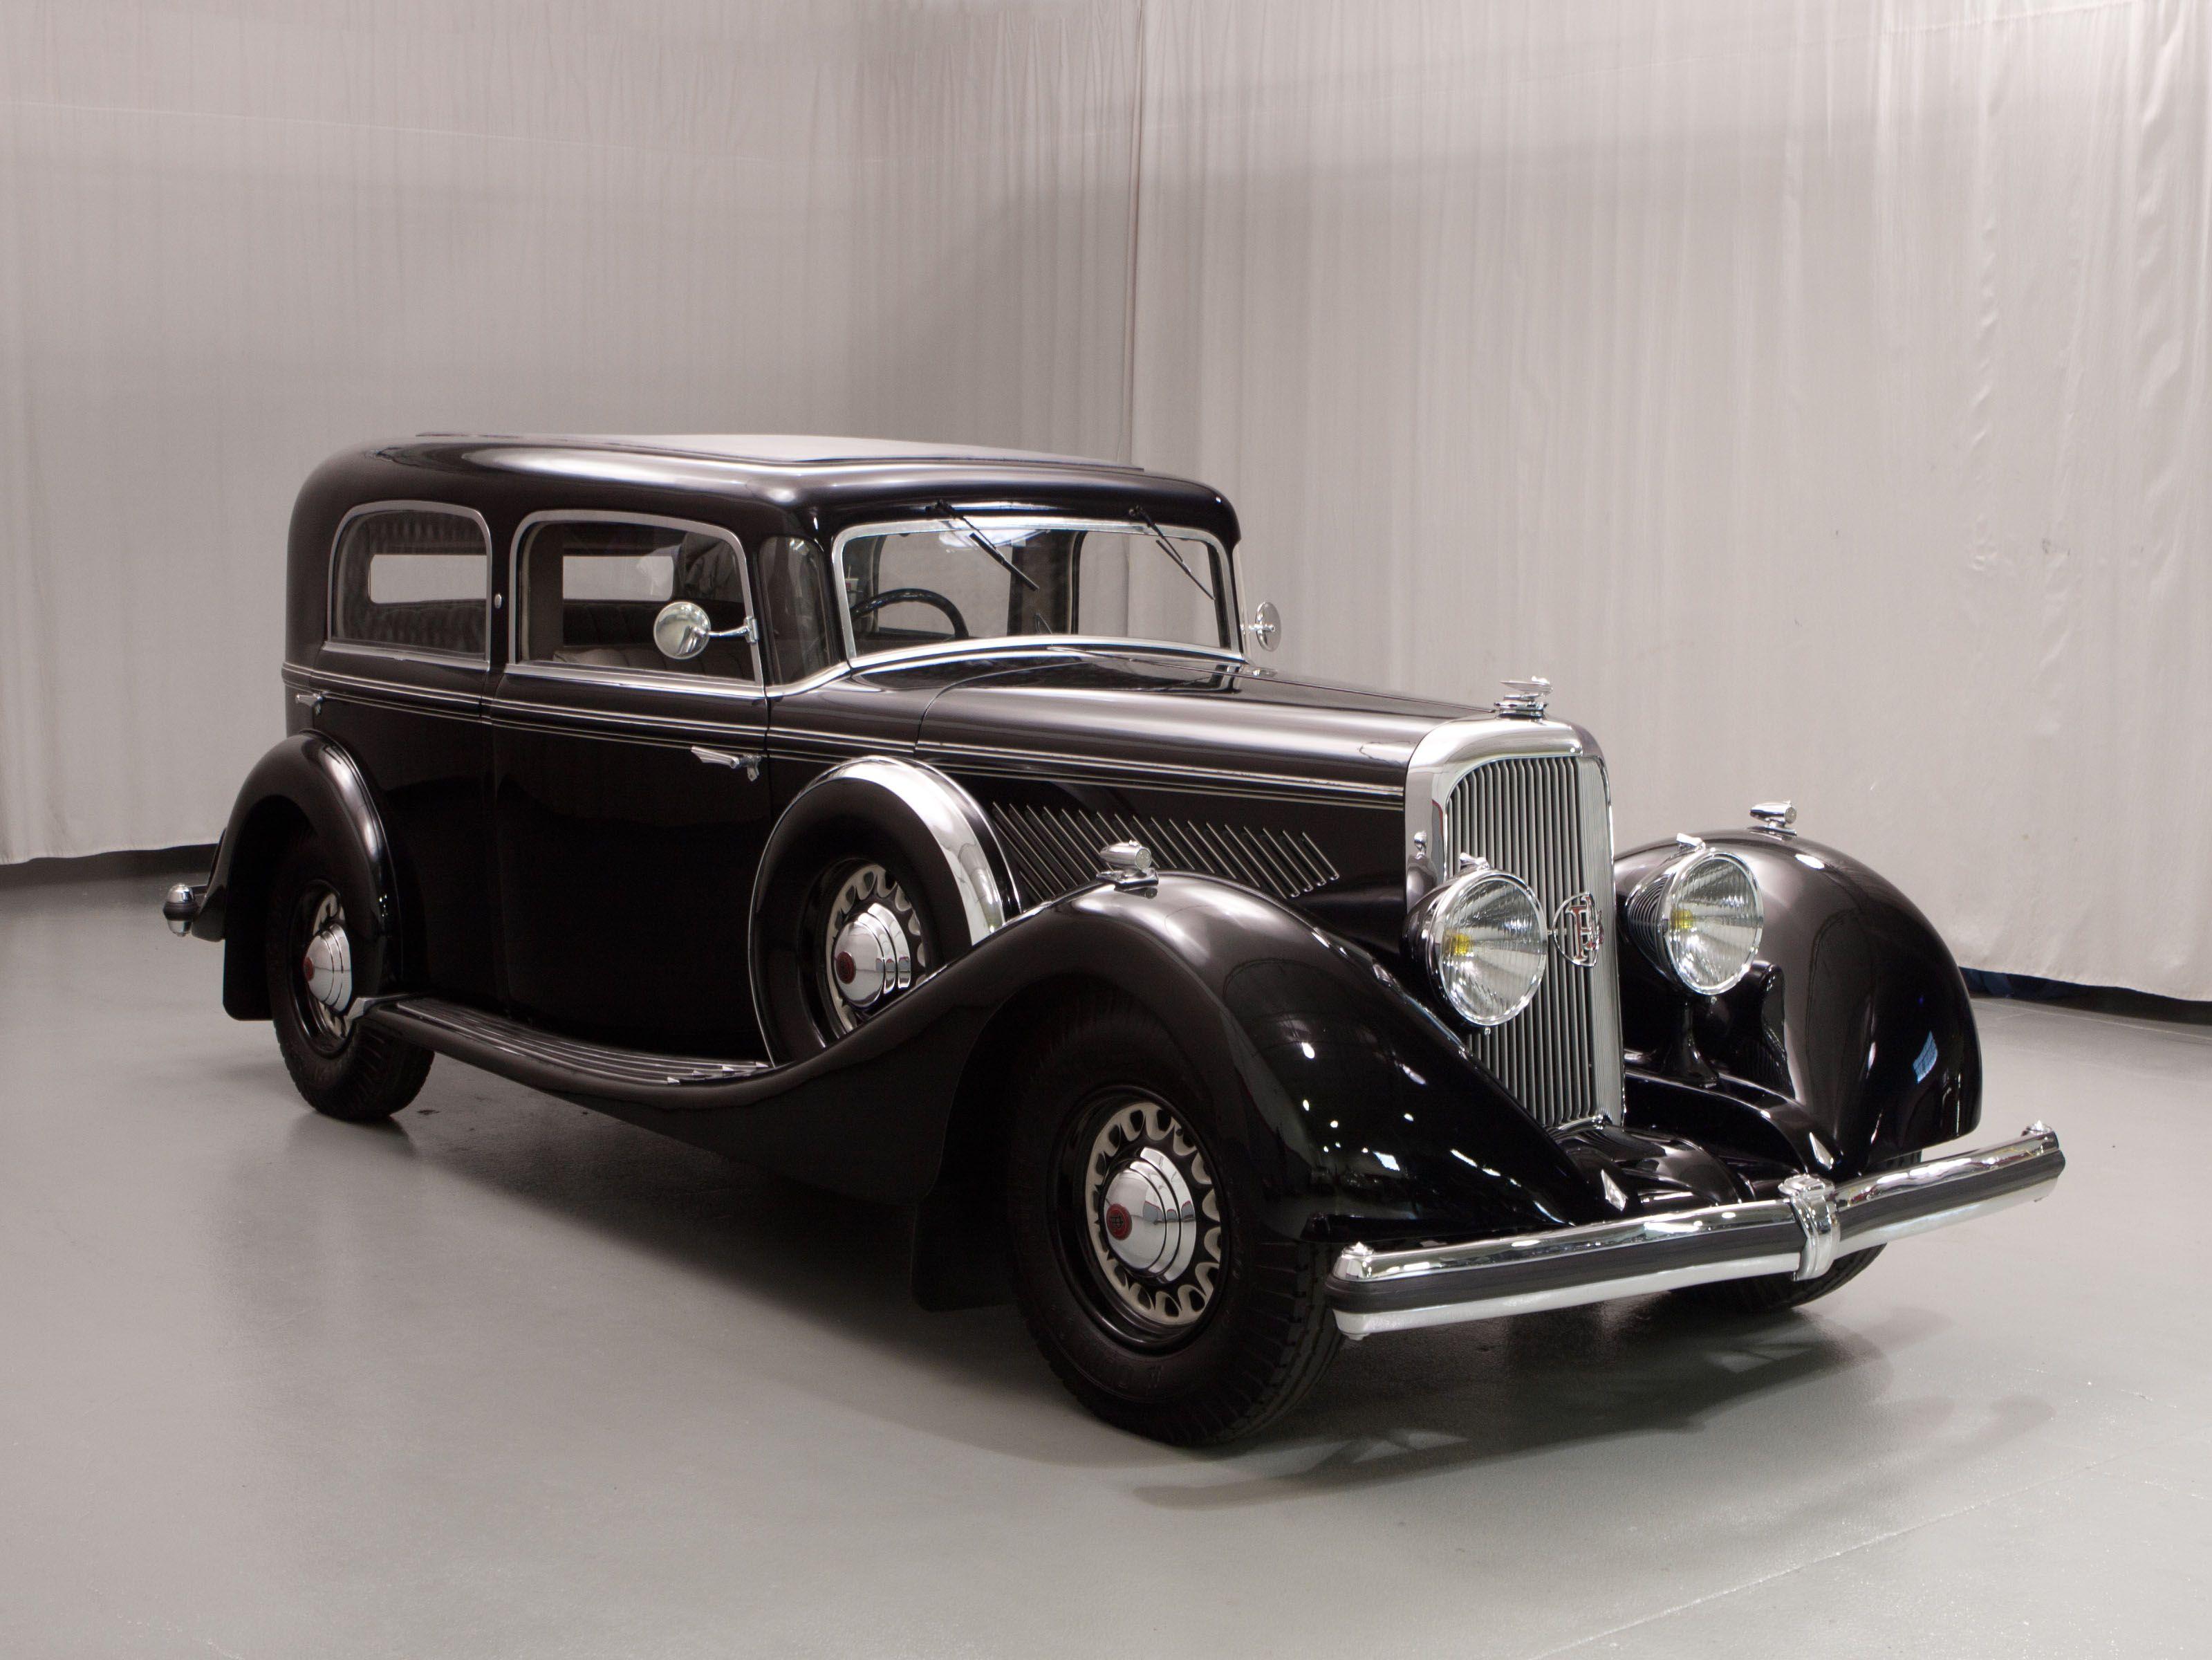 Mystery 1920s French Torpedo Car | automobiles - original ...